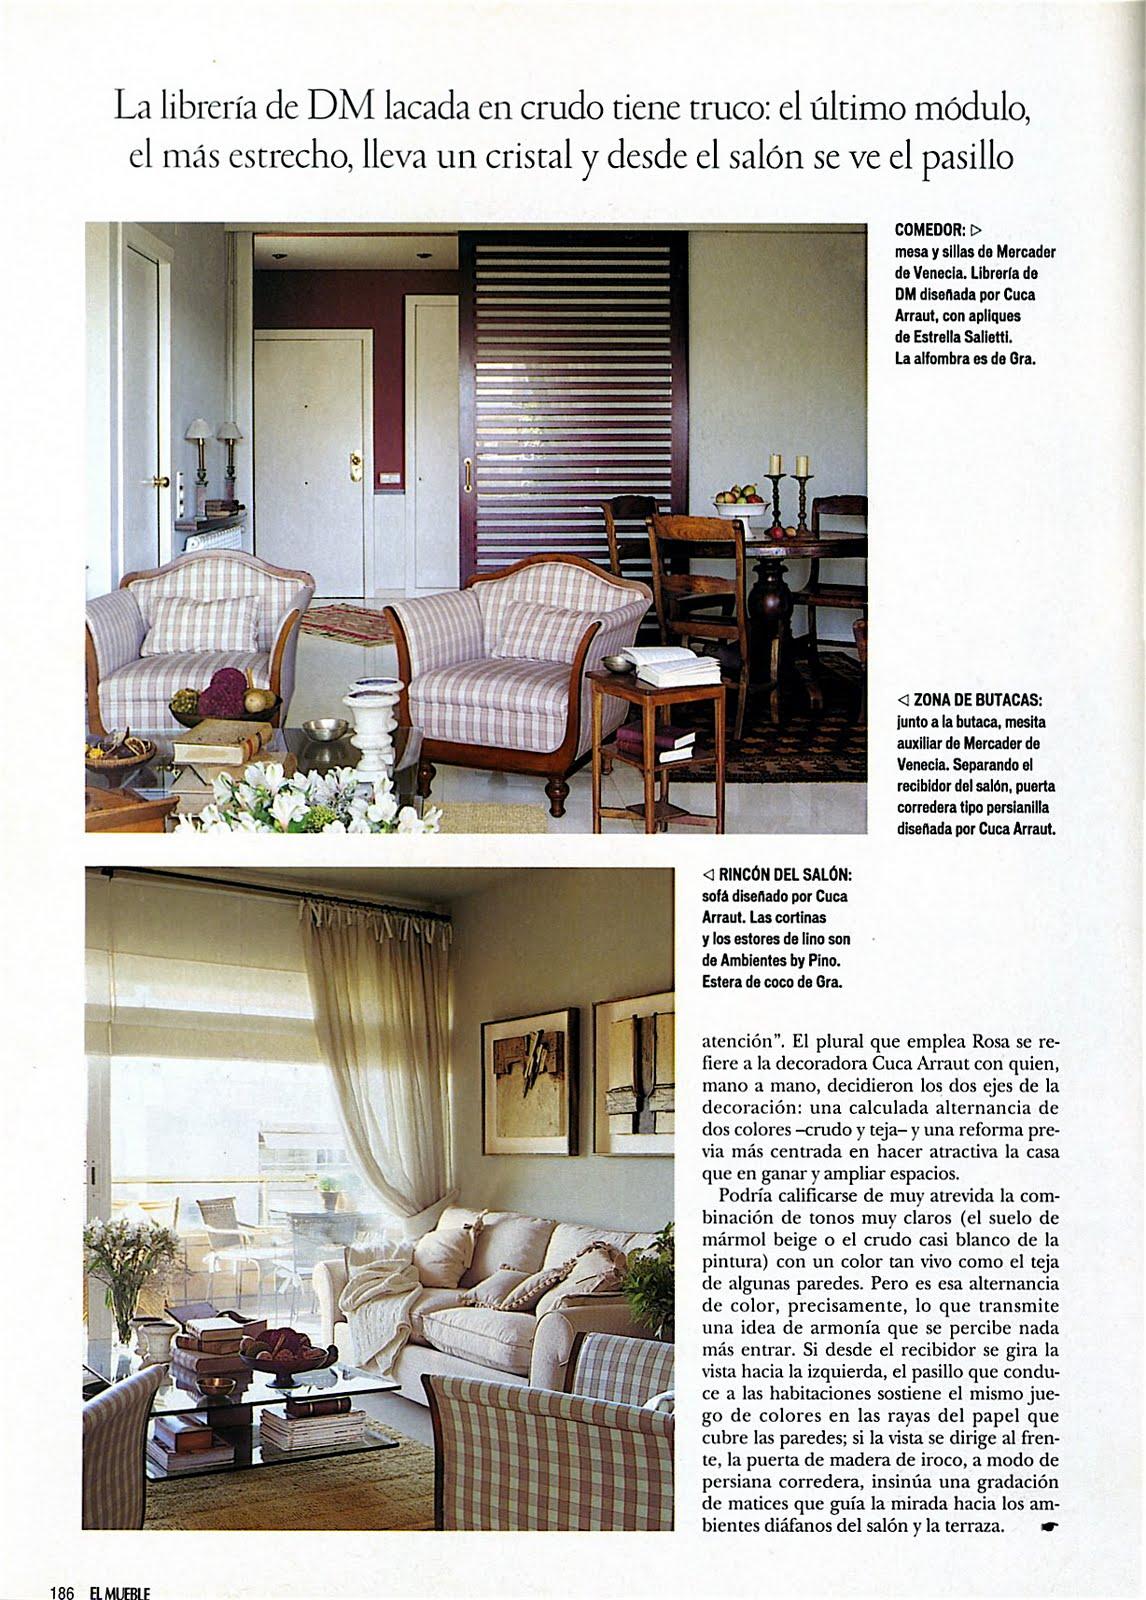 El mercader de venecia muebles el mercader de venecia muebles with el mercader de venecia - El mercader de venecia muebles outlet ...